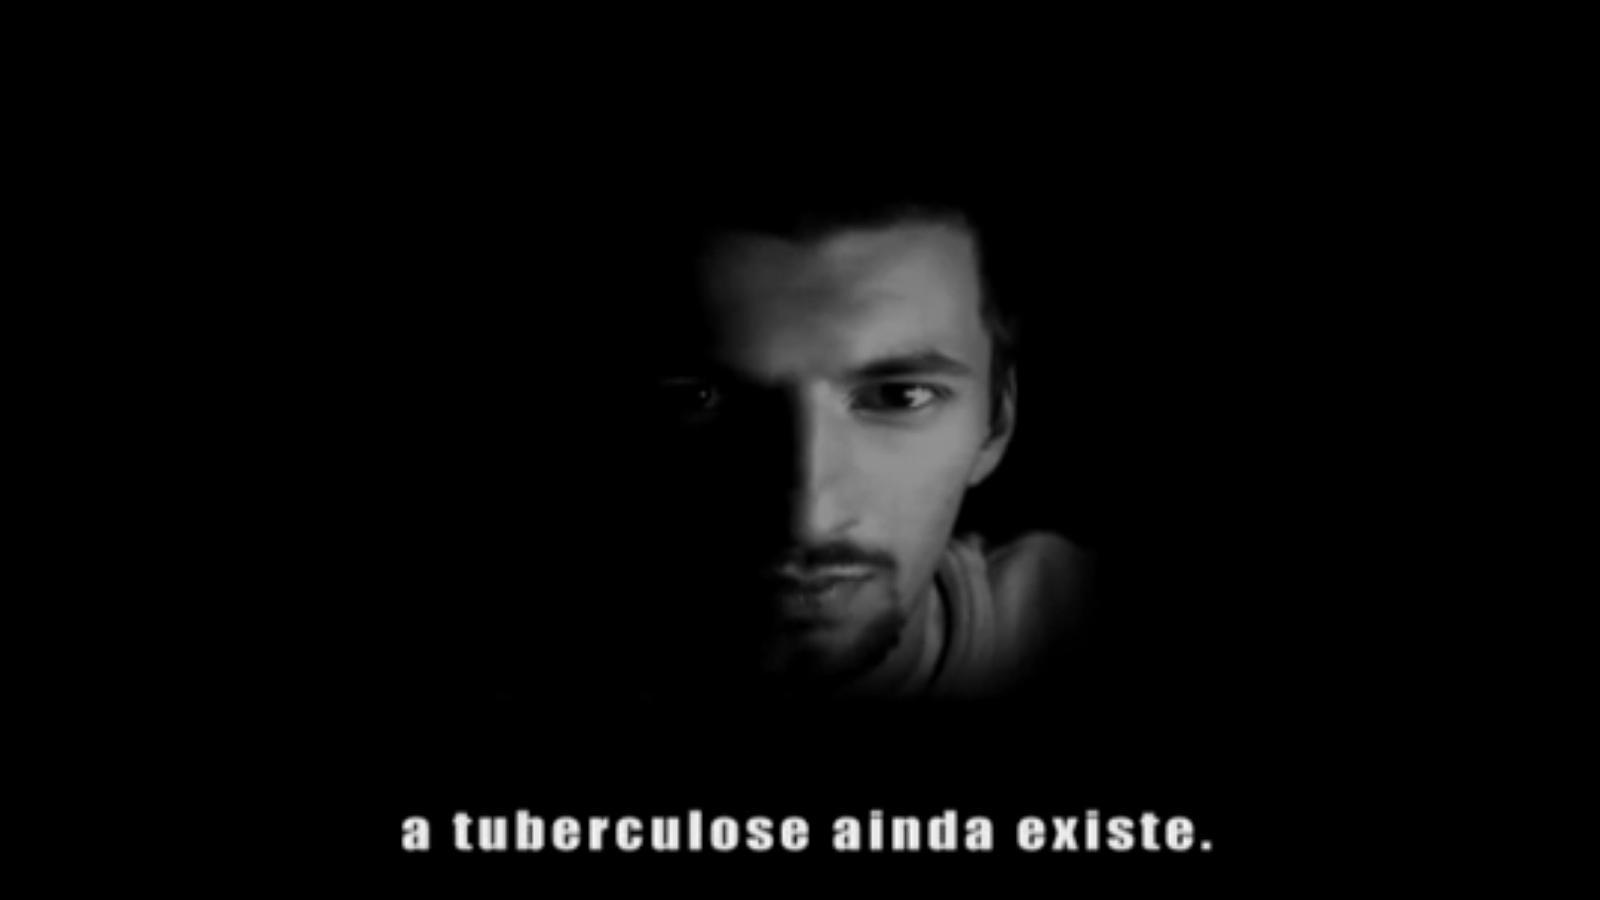 La Tuberculosi es pot curar: 24 de març, Dia Mundial per la malaltia